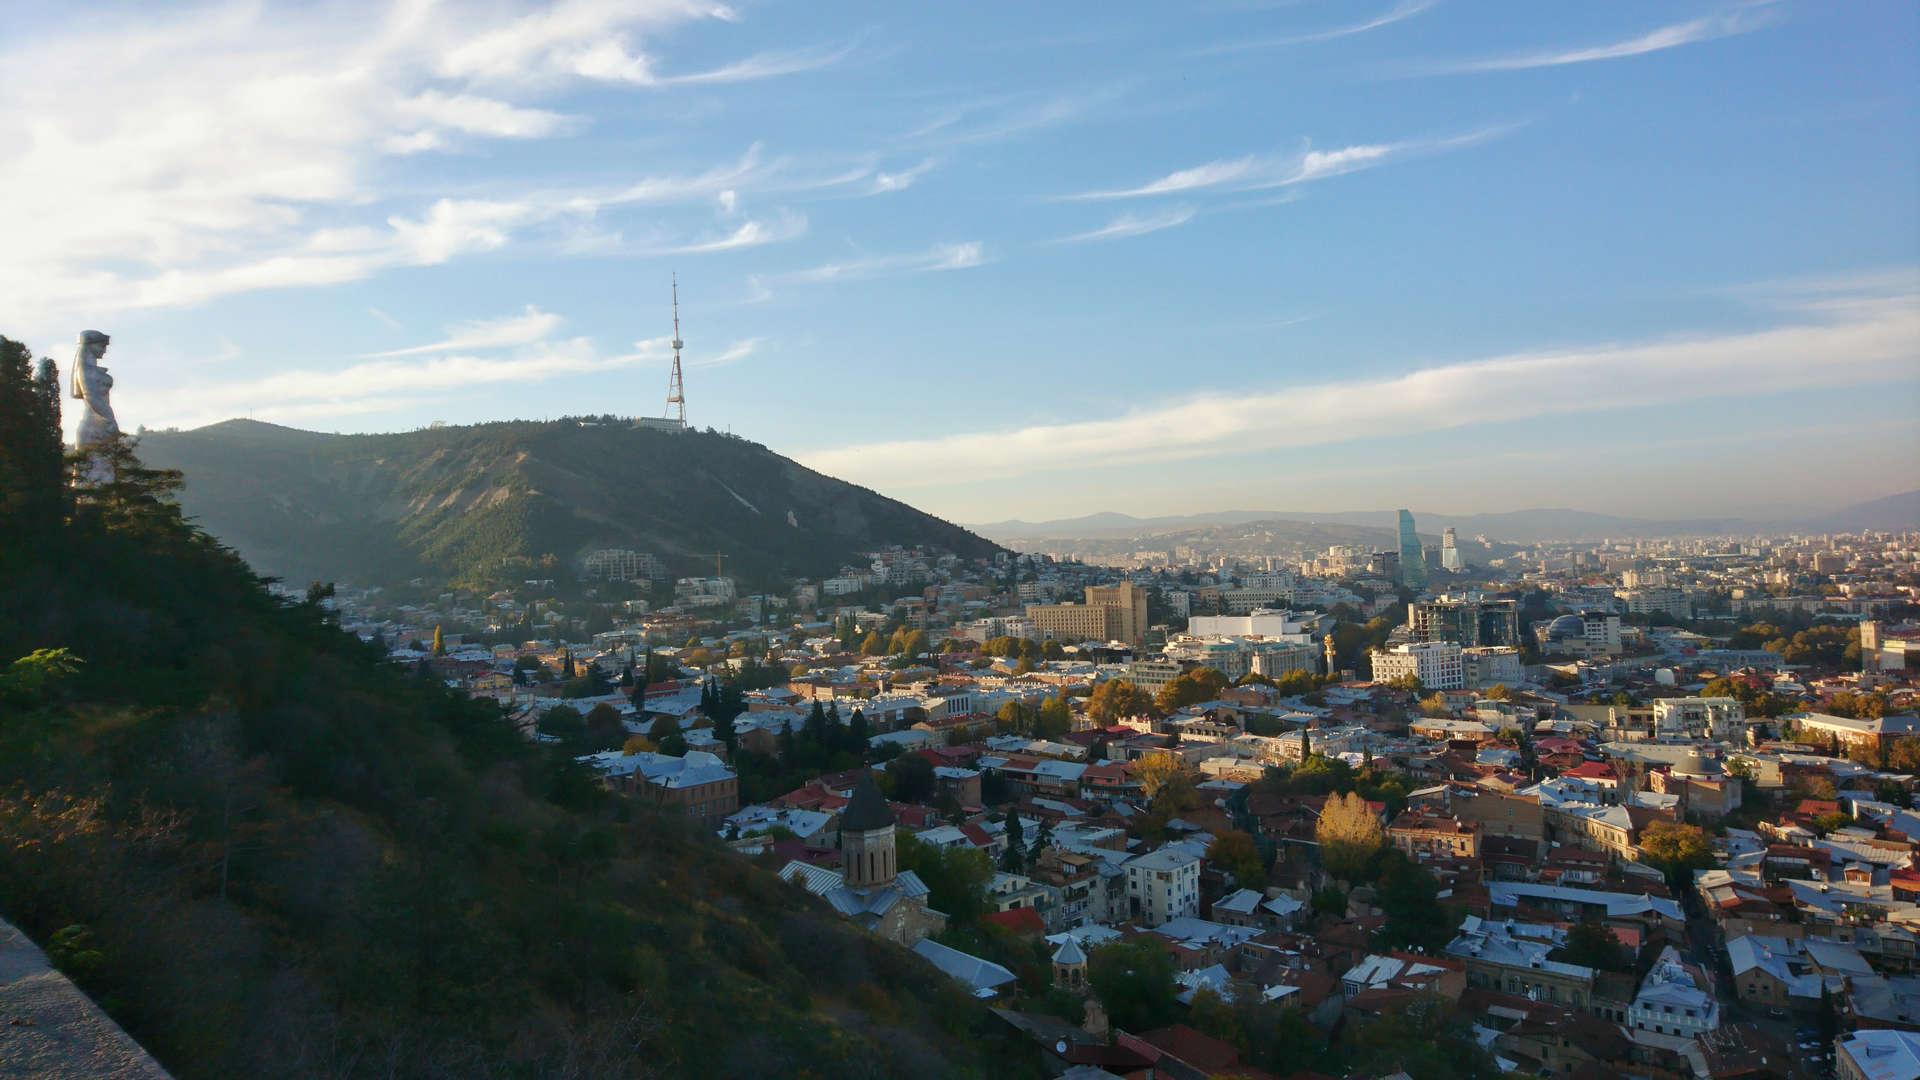 Zwiedzanie Tbilisi - na wzgórzu z widokiem na pomnik